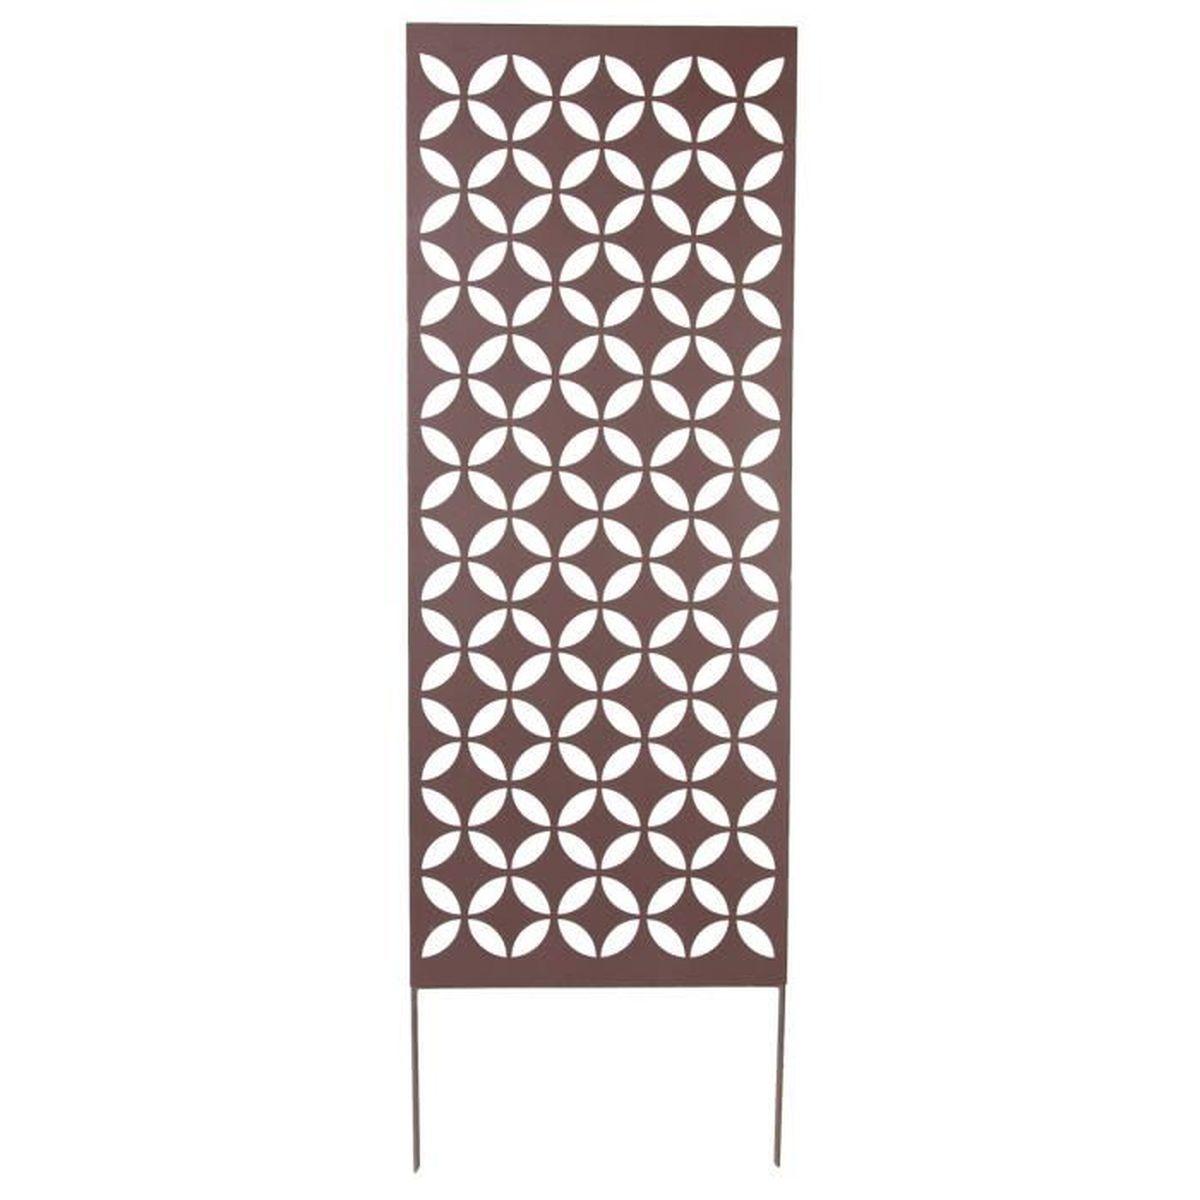 treillage d coratif m tal g om trique gris mat achat vente treille treillis treillage. Black Bedroom Furniture Sets. Home Design Ideas